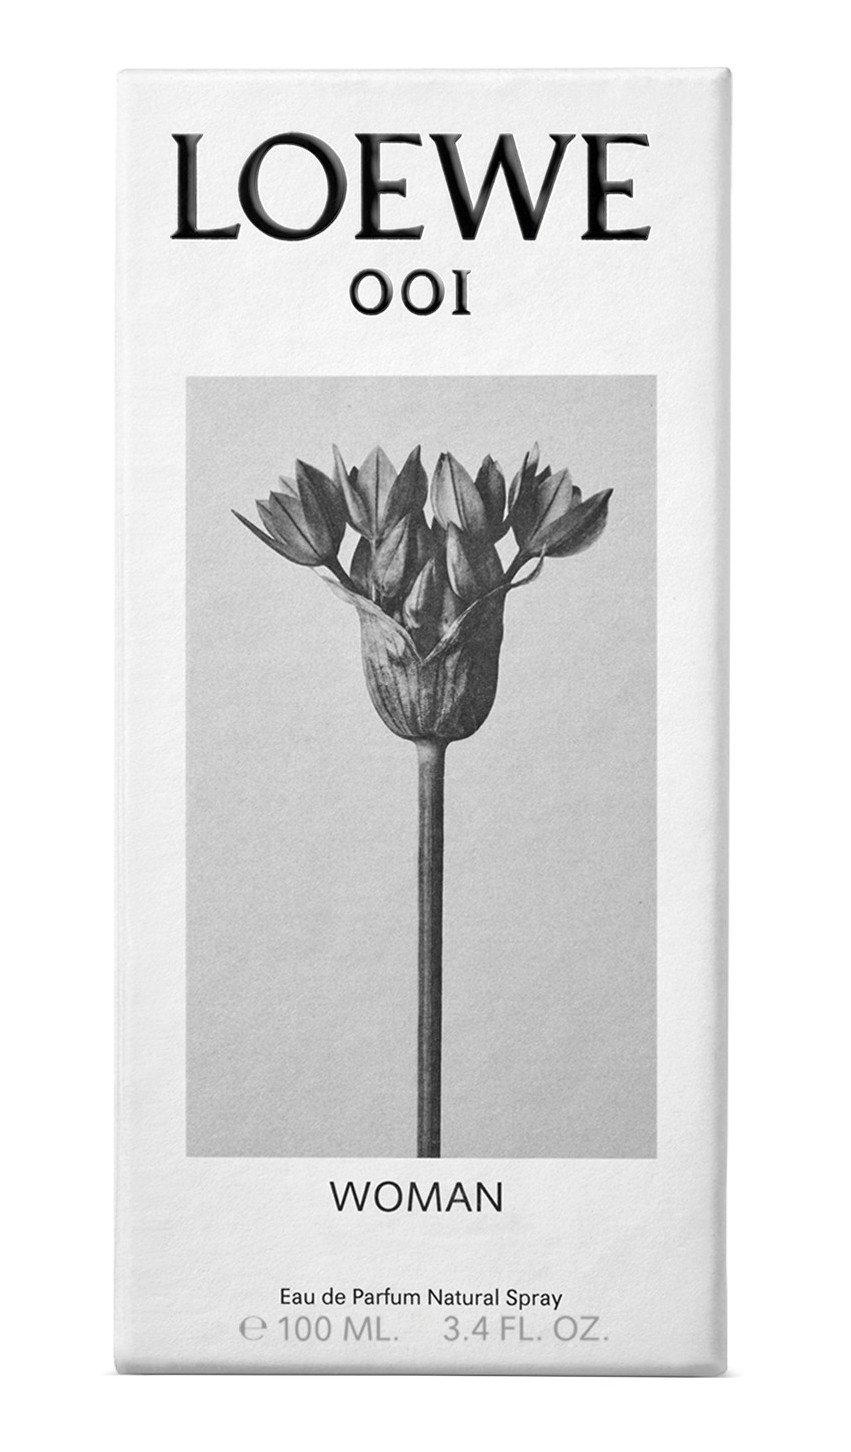 001 Woman Loewe 2016Eau de Parfum